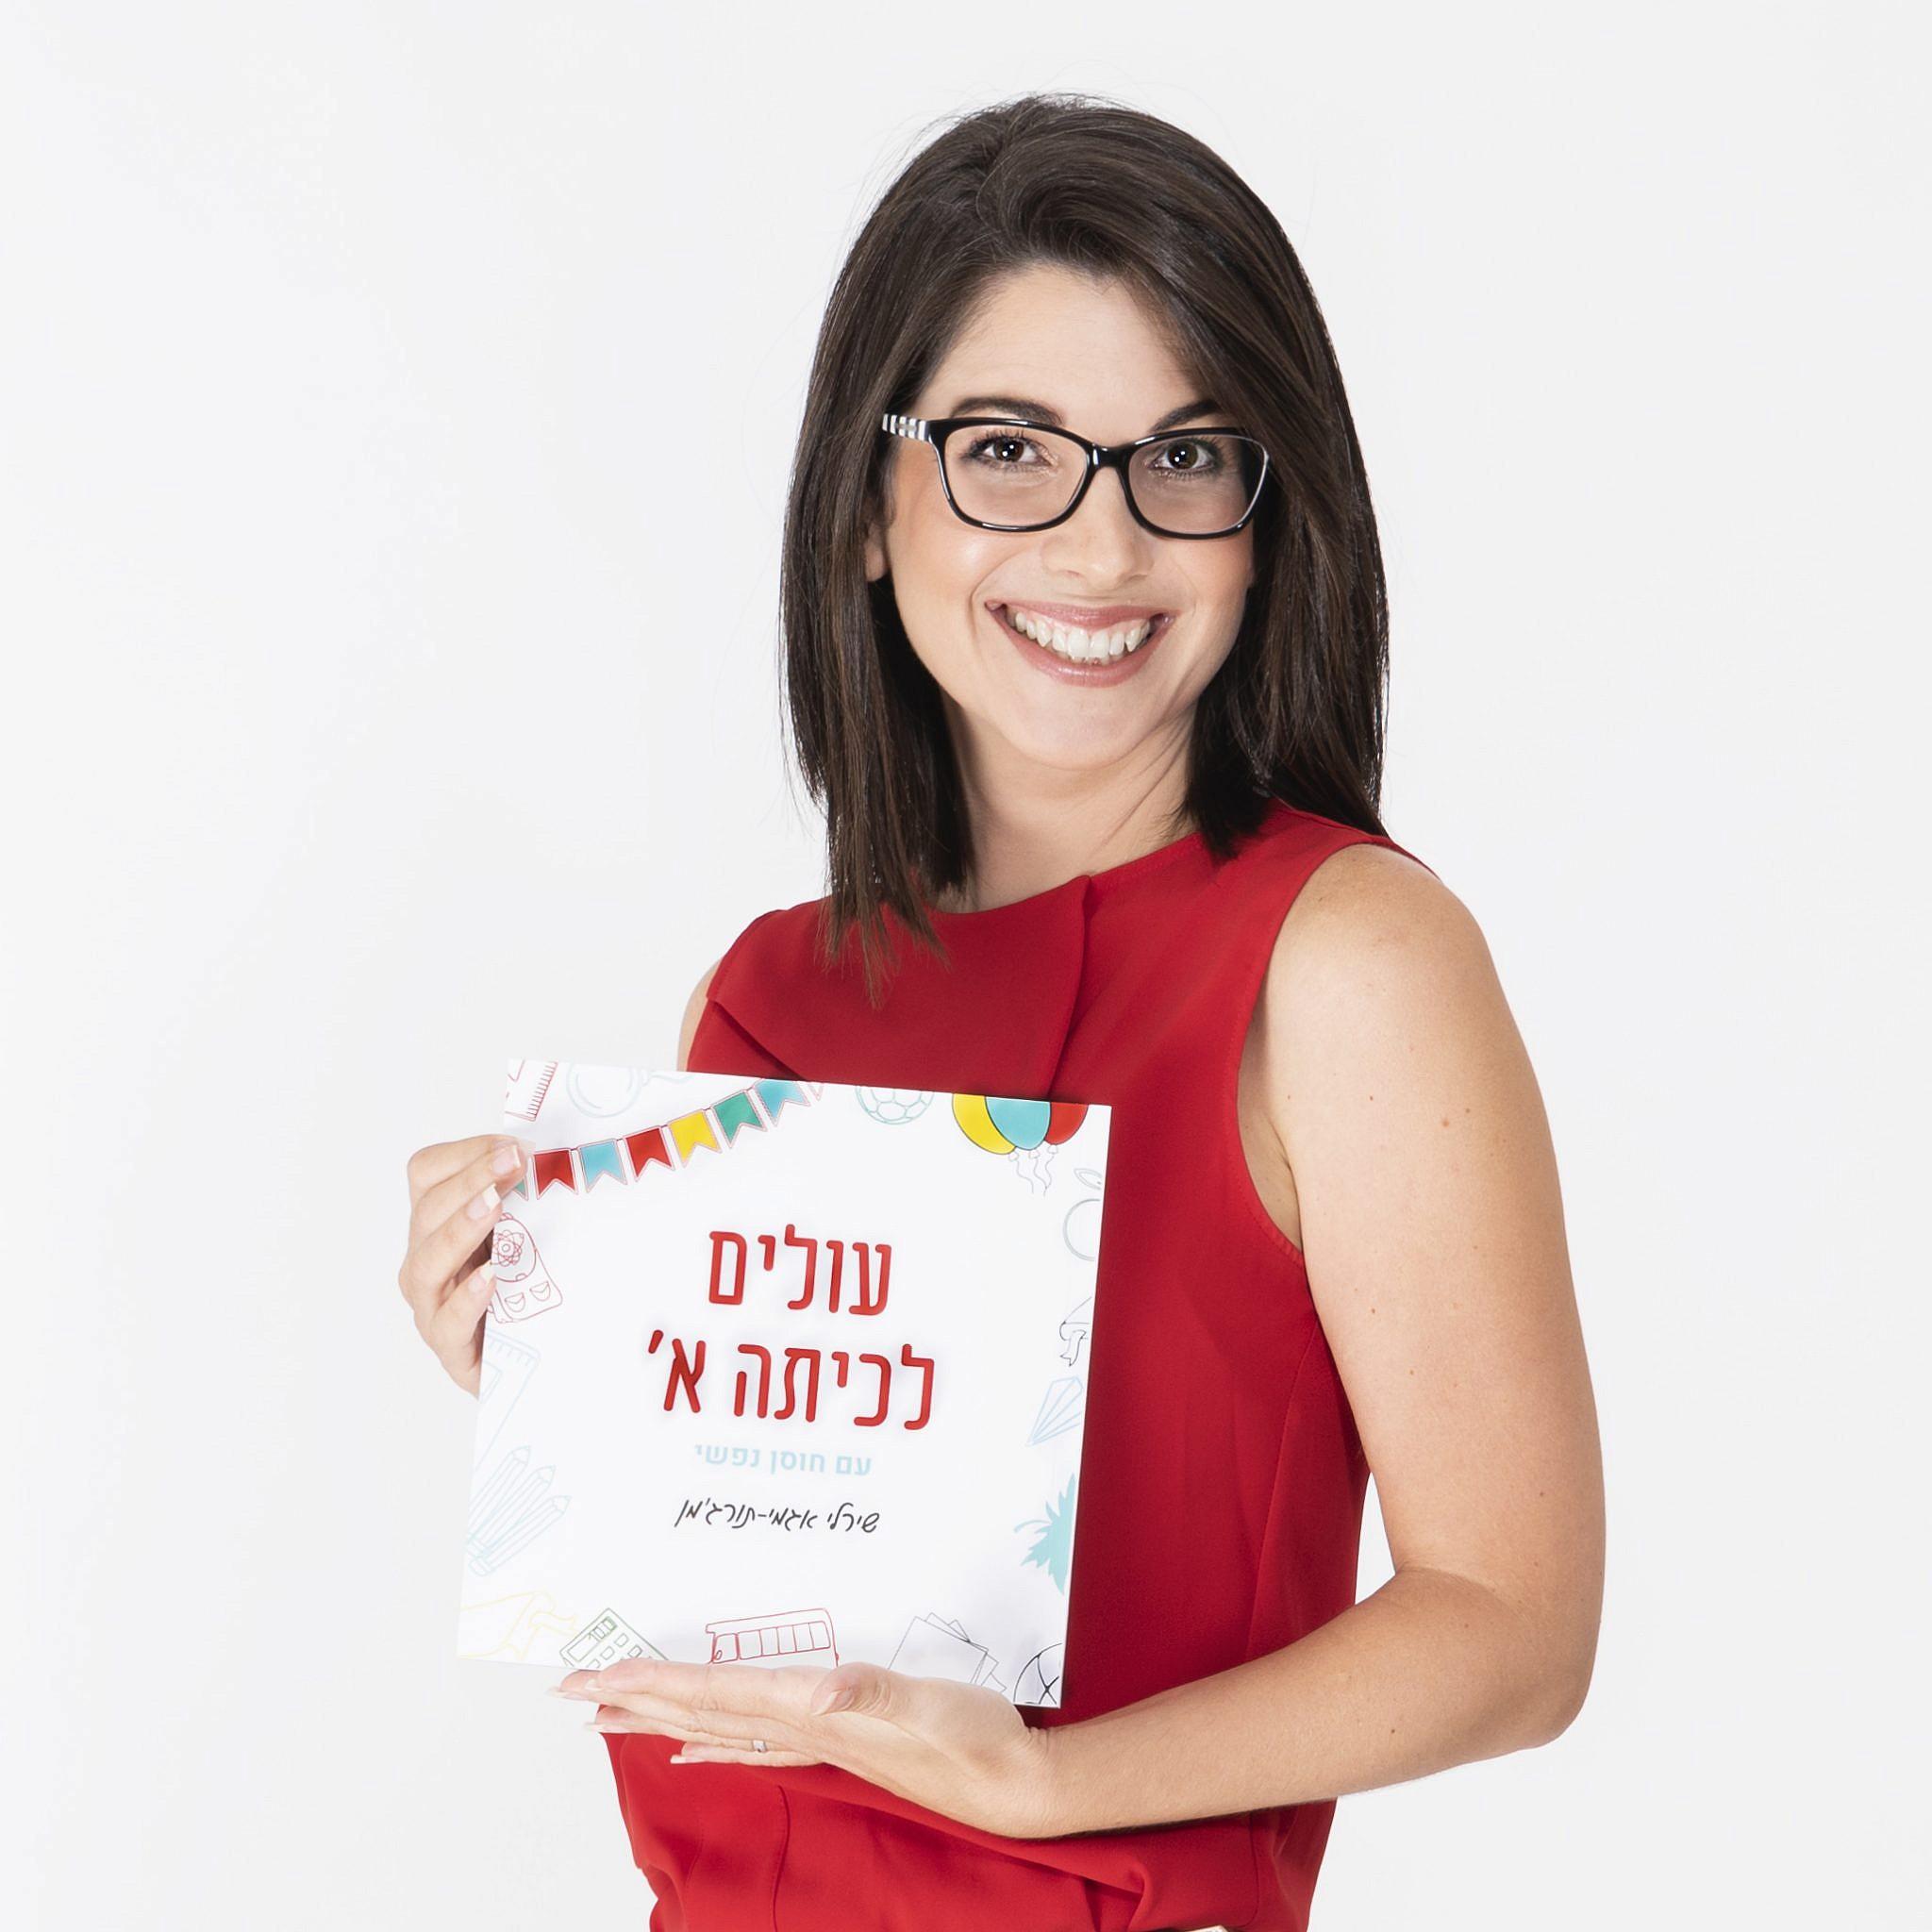 שירלי אגמי-תורג'מן | צילום: קרנית יהב-רק וגולן סויסה